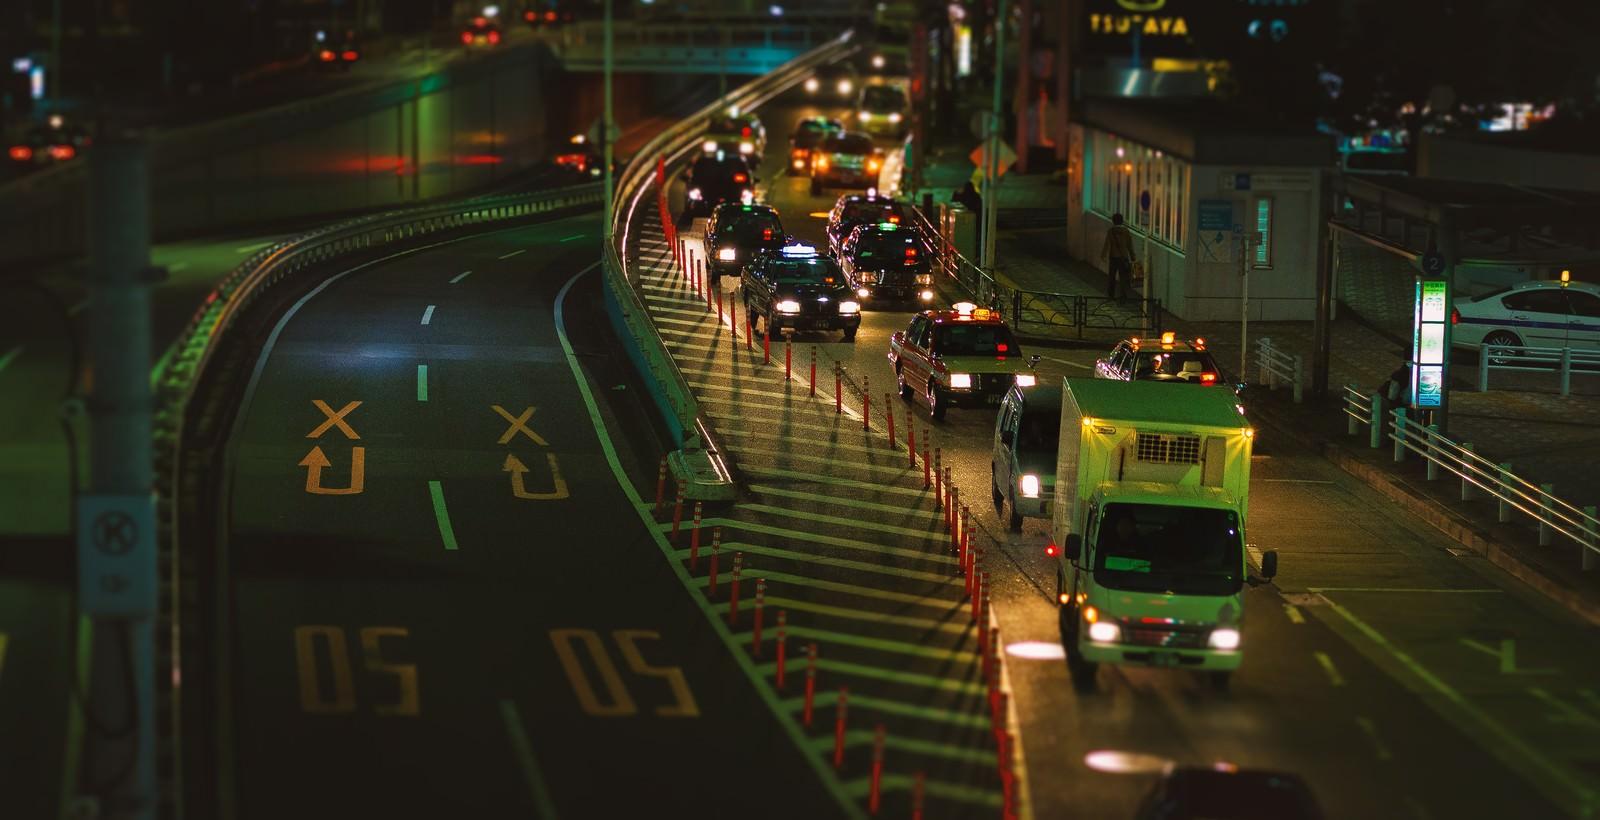 「夜間渋滞する目黒通り夜間渋滞する目黒通り」のフリー写真素材を拡大